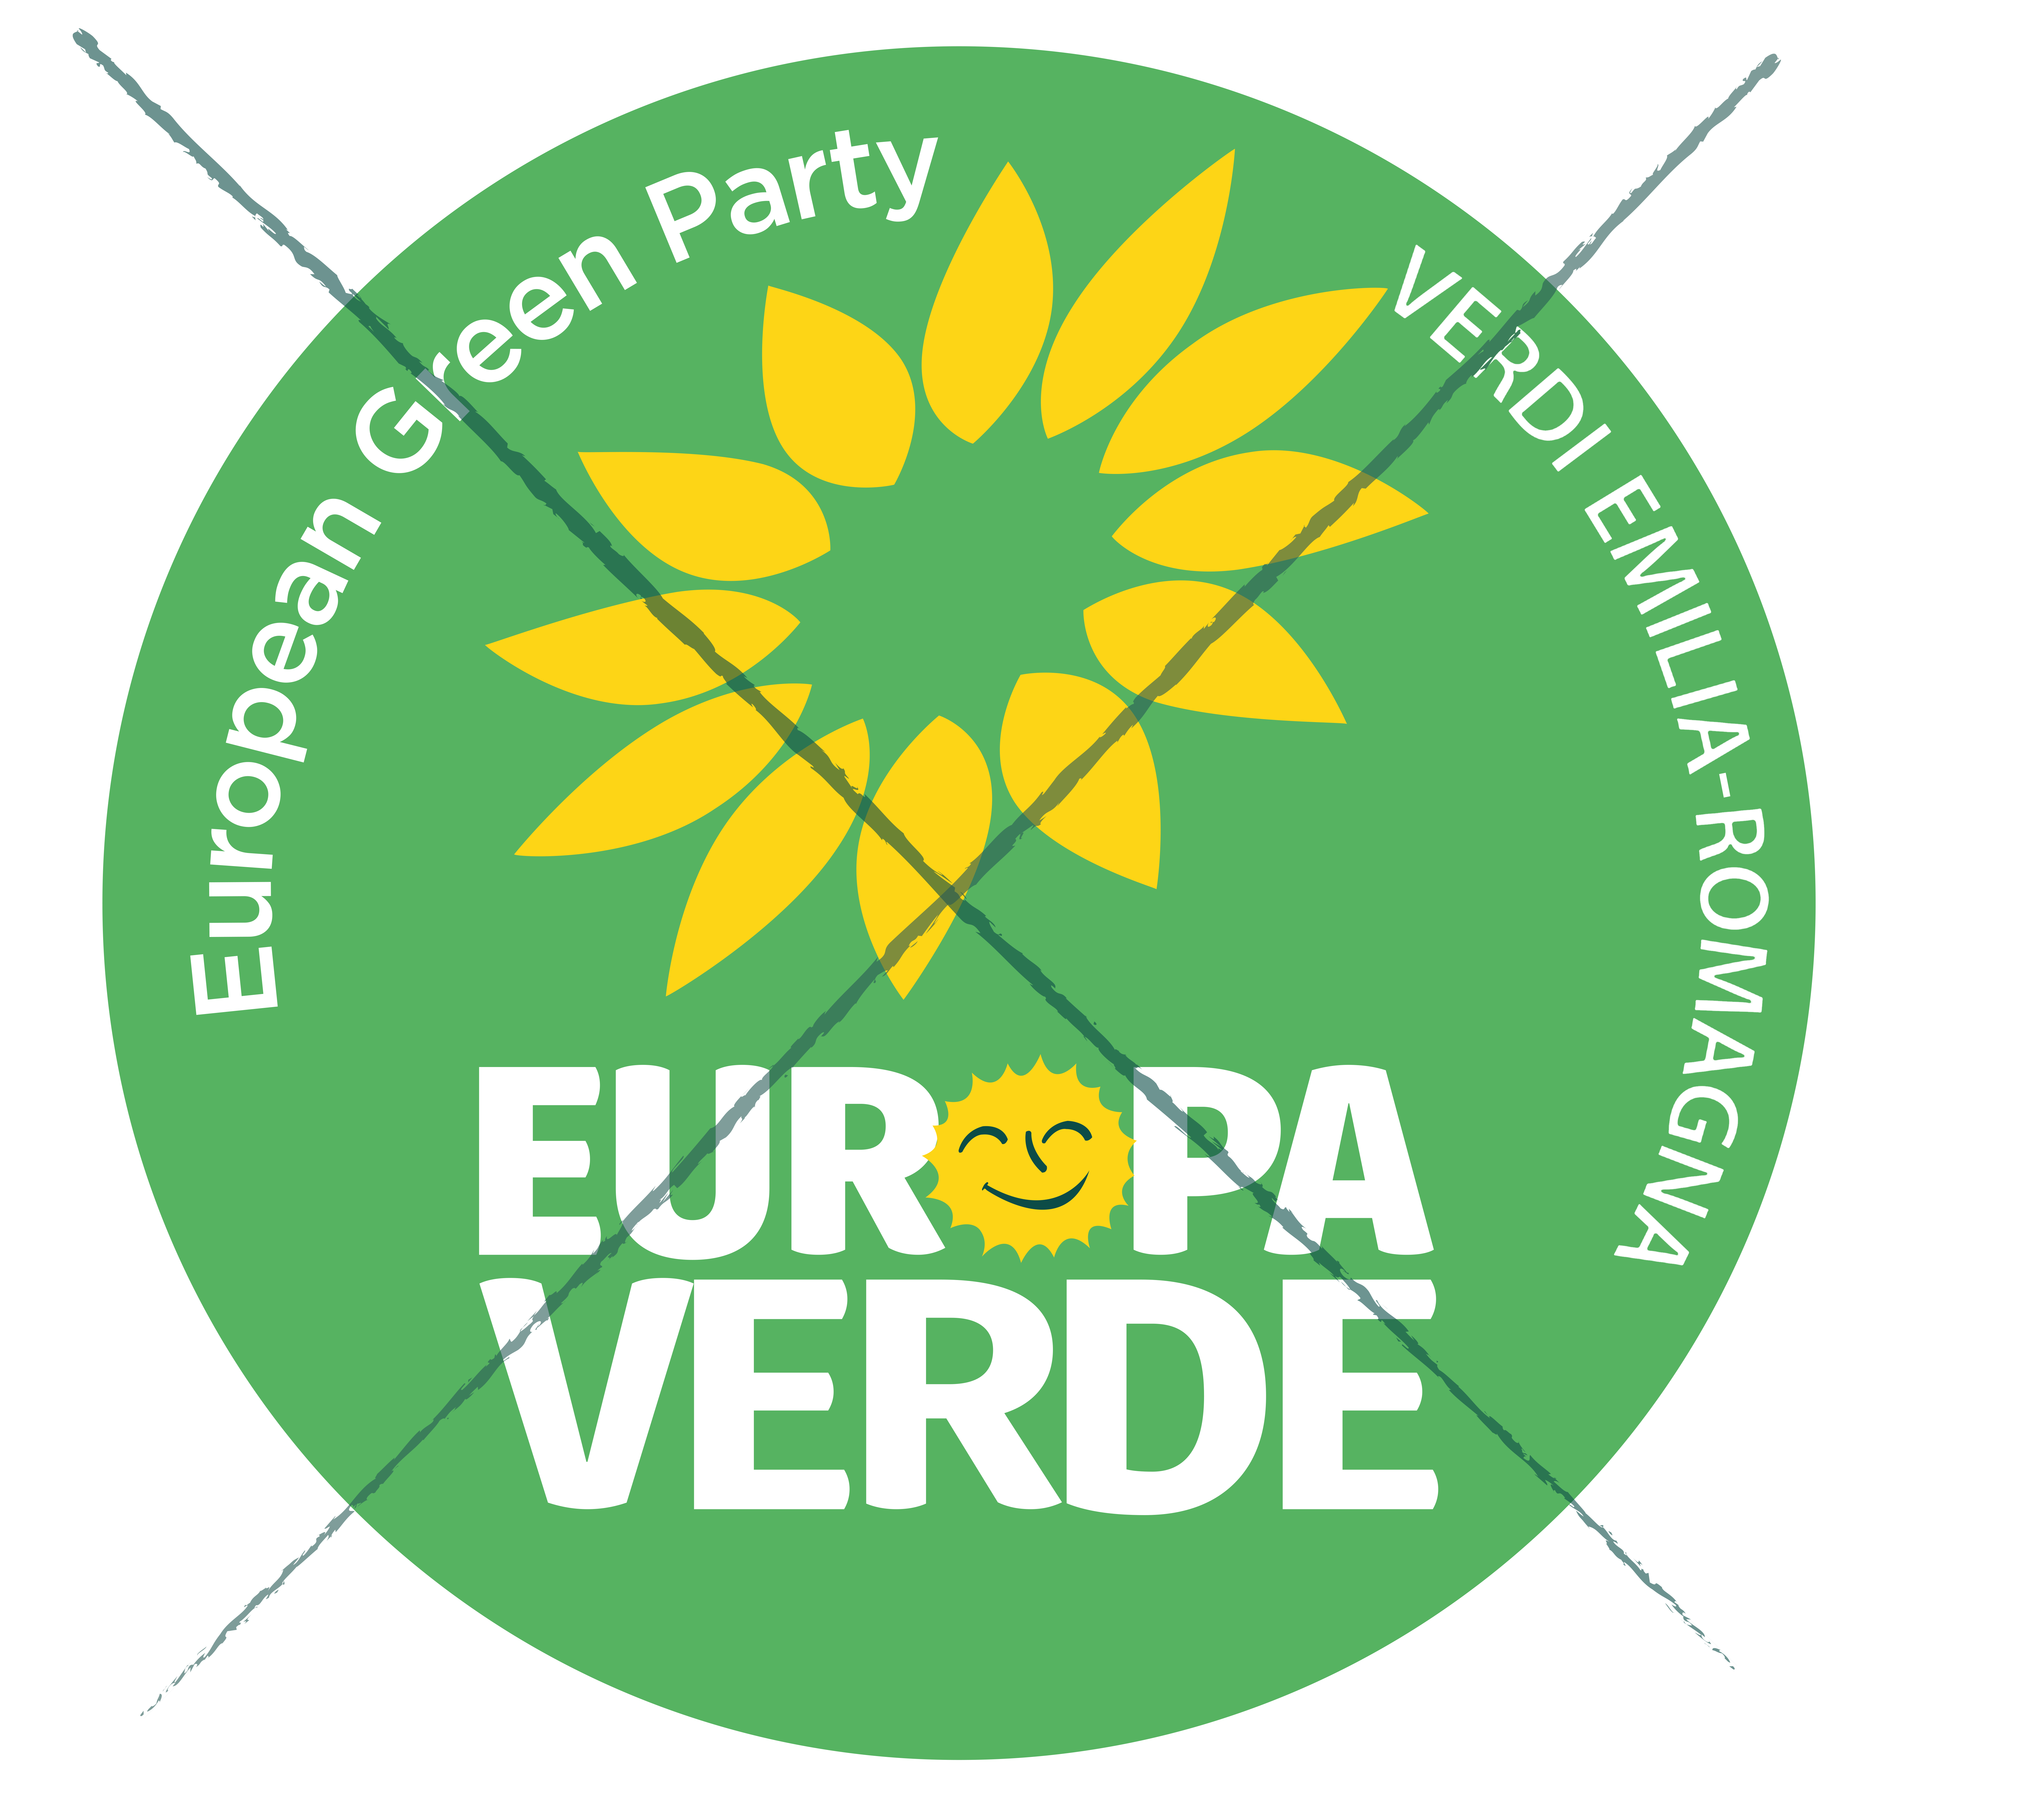 Europa Verde Emilia-Romagna